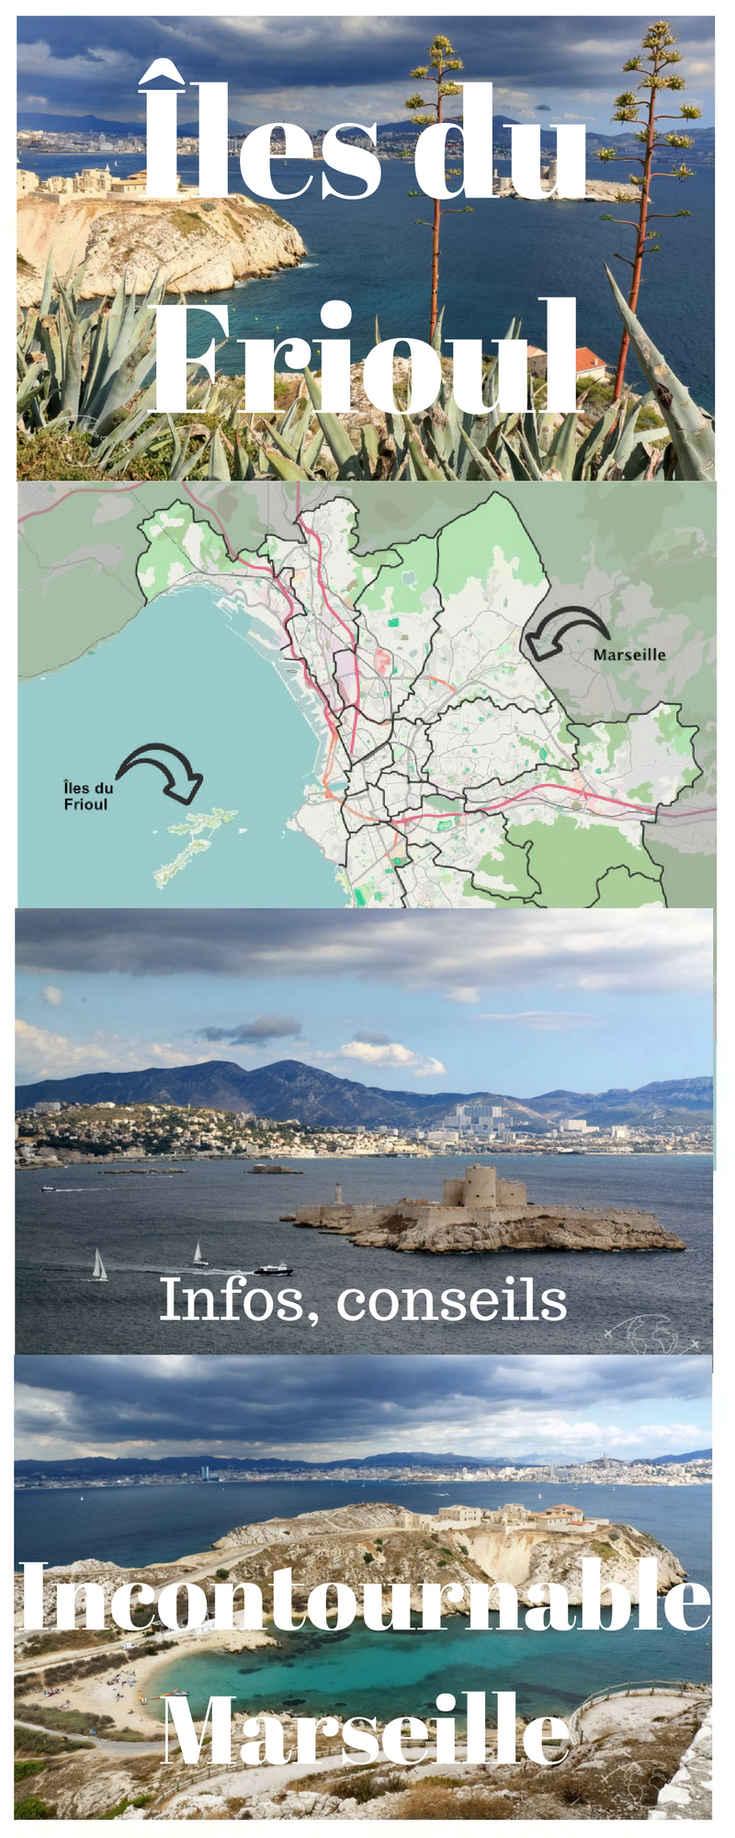 Visiter ces magnifiques Îles du Frioul : des infos, les horaires et tarifs sur la navette du vieux port de Marseille, des conseils pour se balader sur les iles du Frioul, des photos pour s'inspirer.